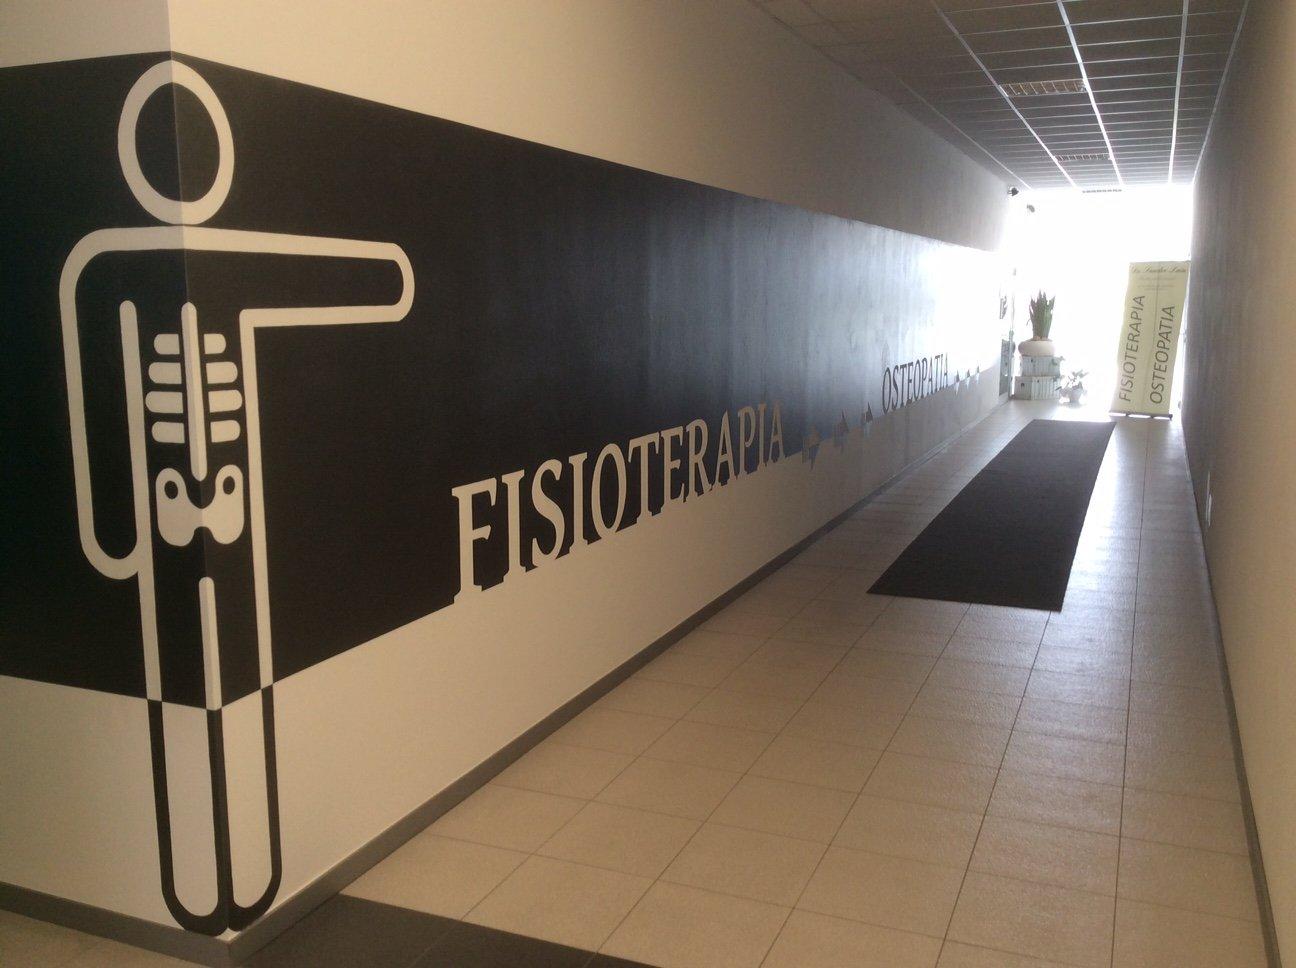 corridoio con scritta sul muro: Fisioterapia